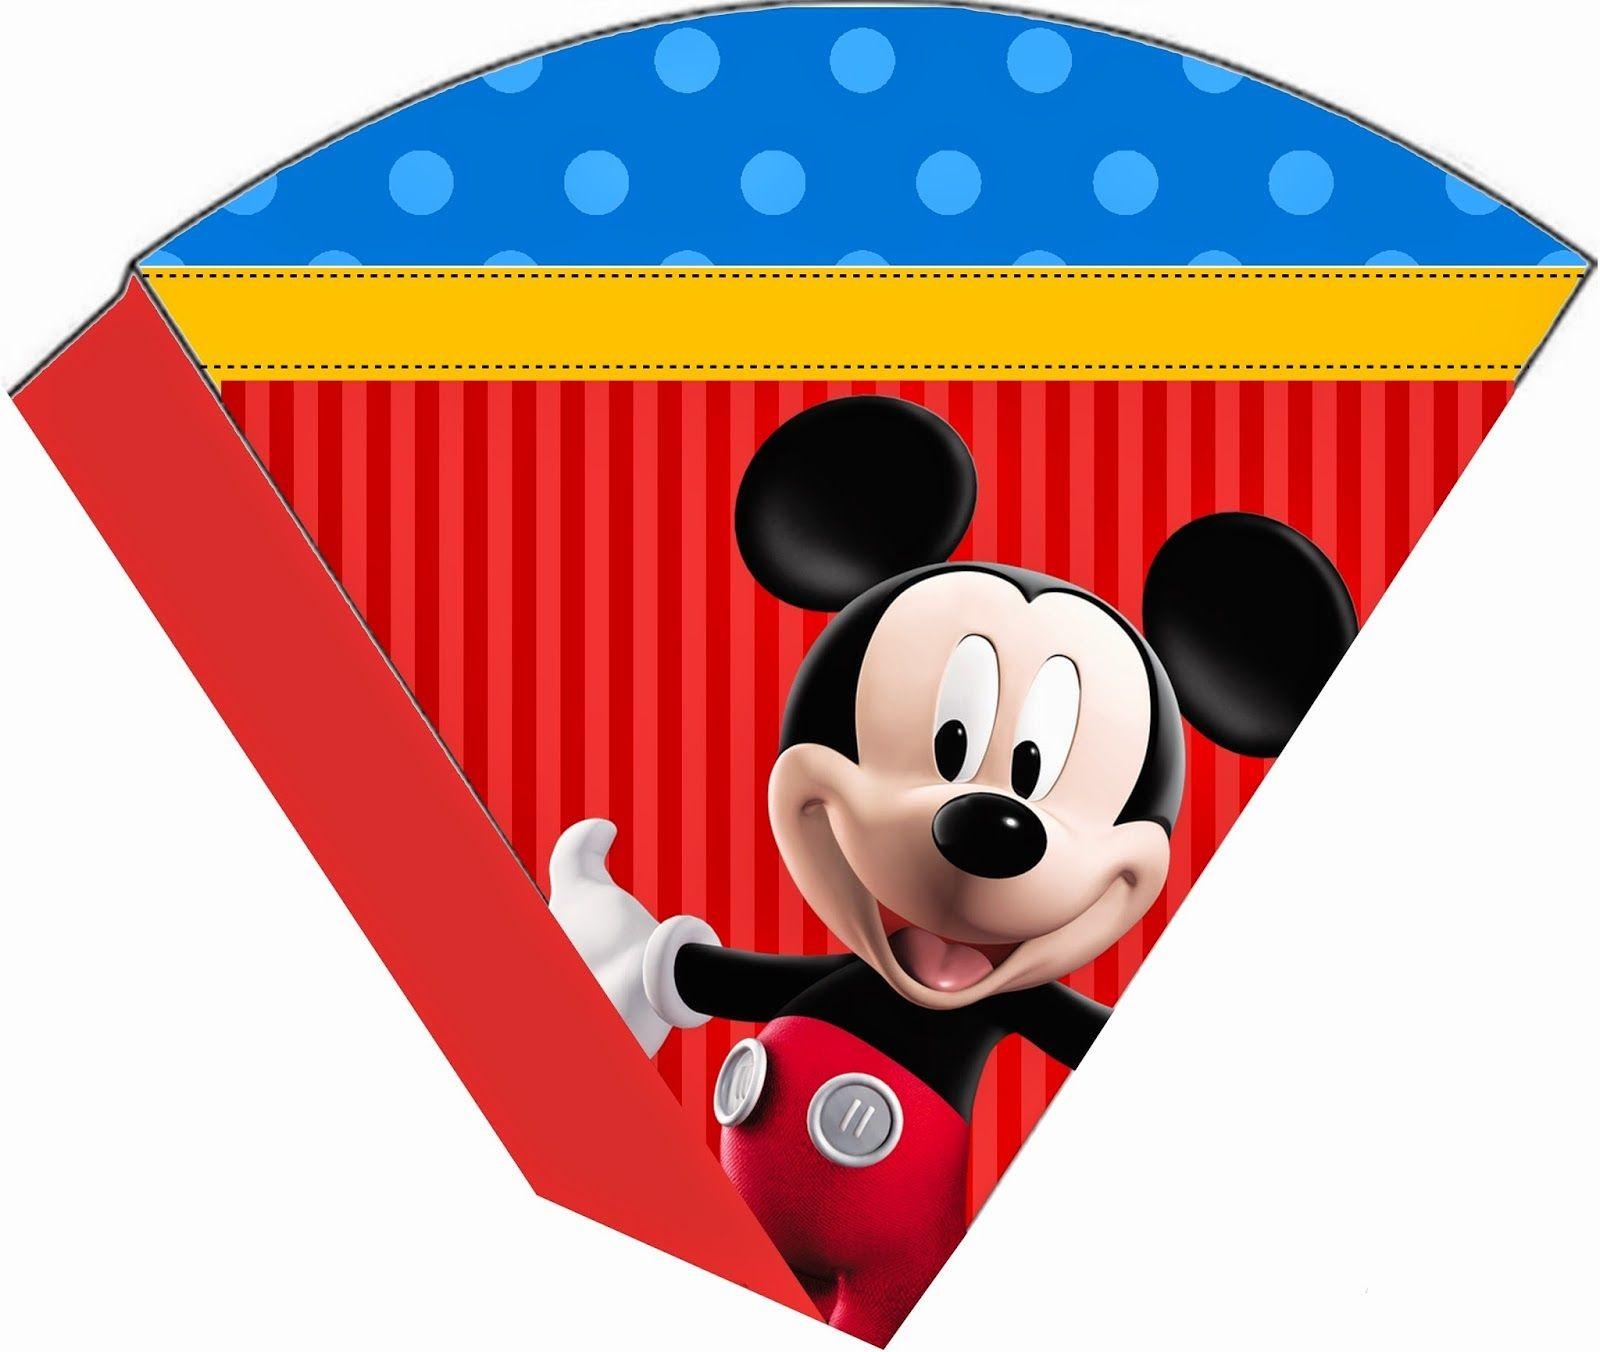 Papercraft Clubhouse Kit De Personalizados Tema Mickey Mouse Azul Vermelho E Amarelo